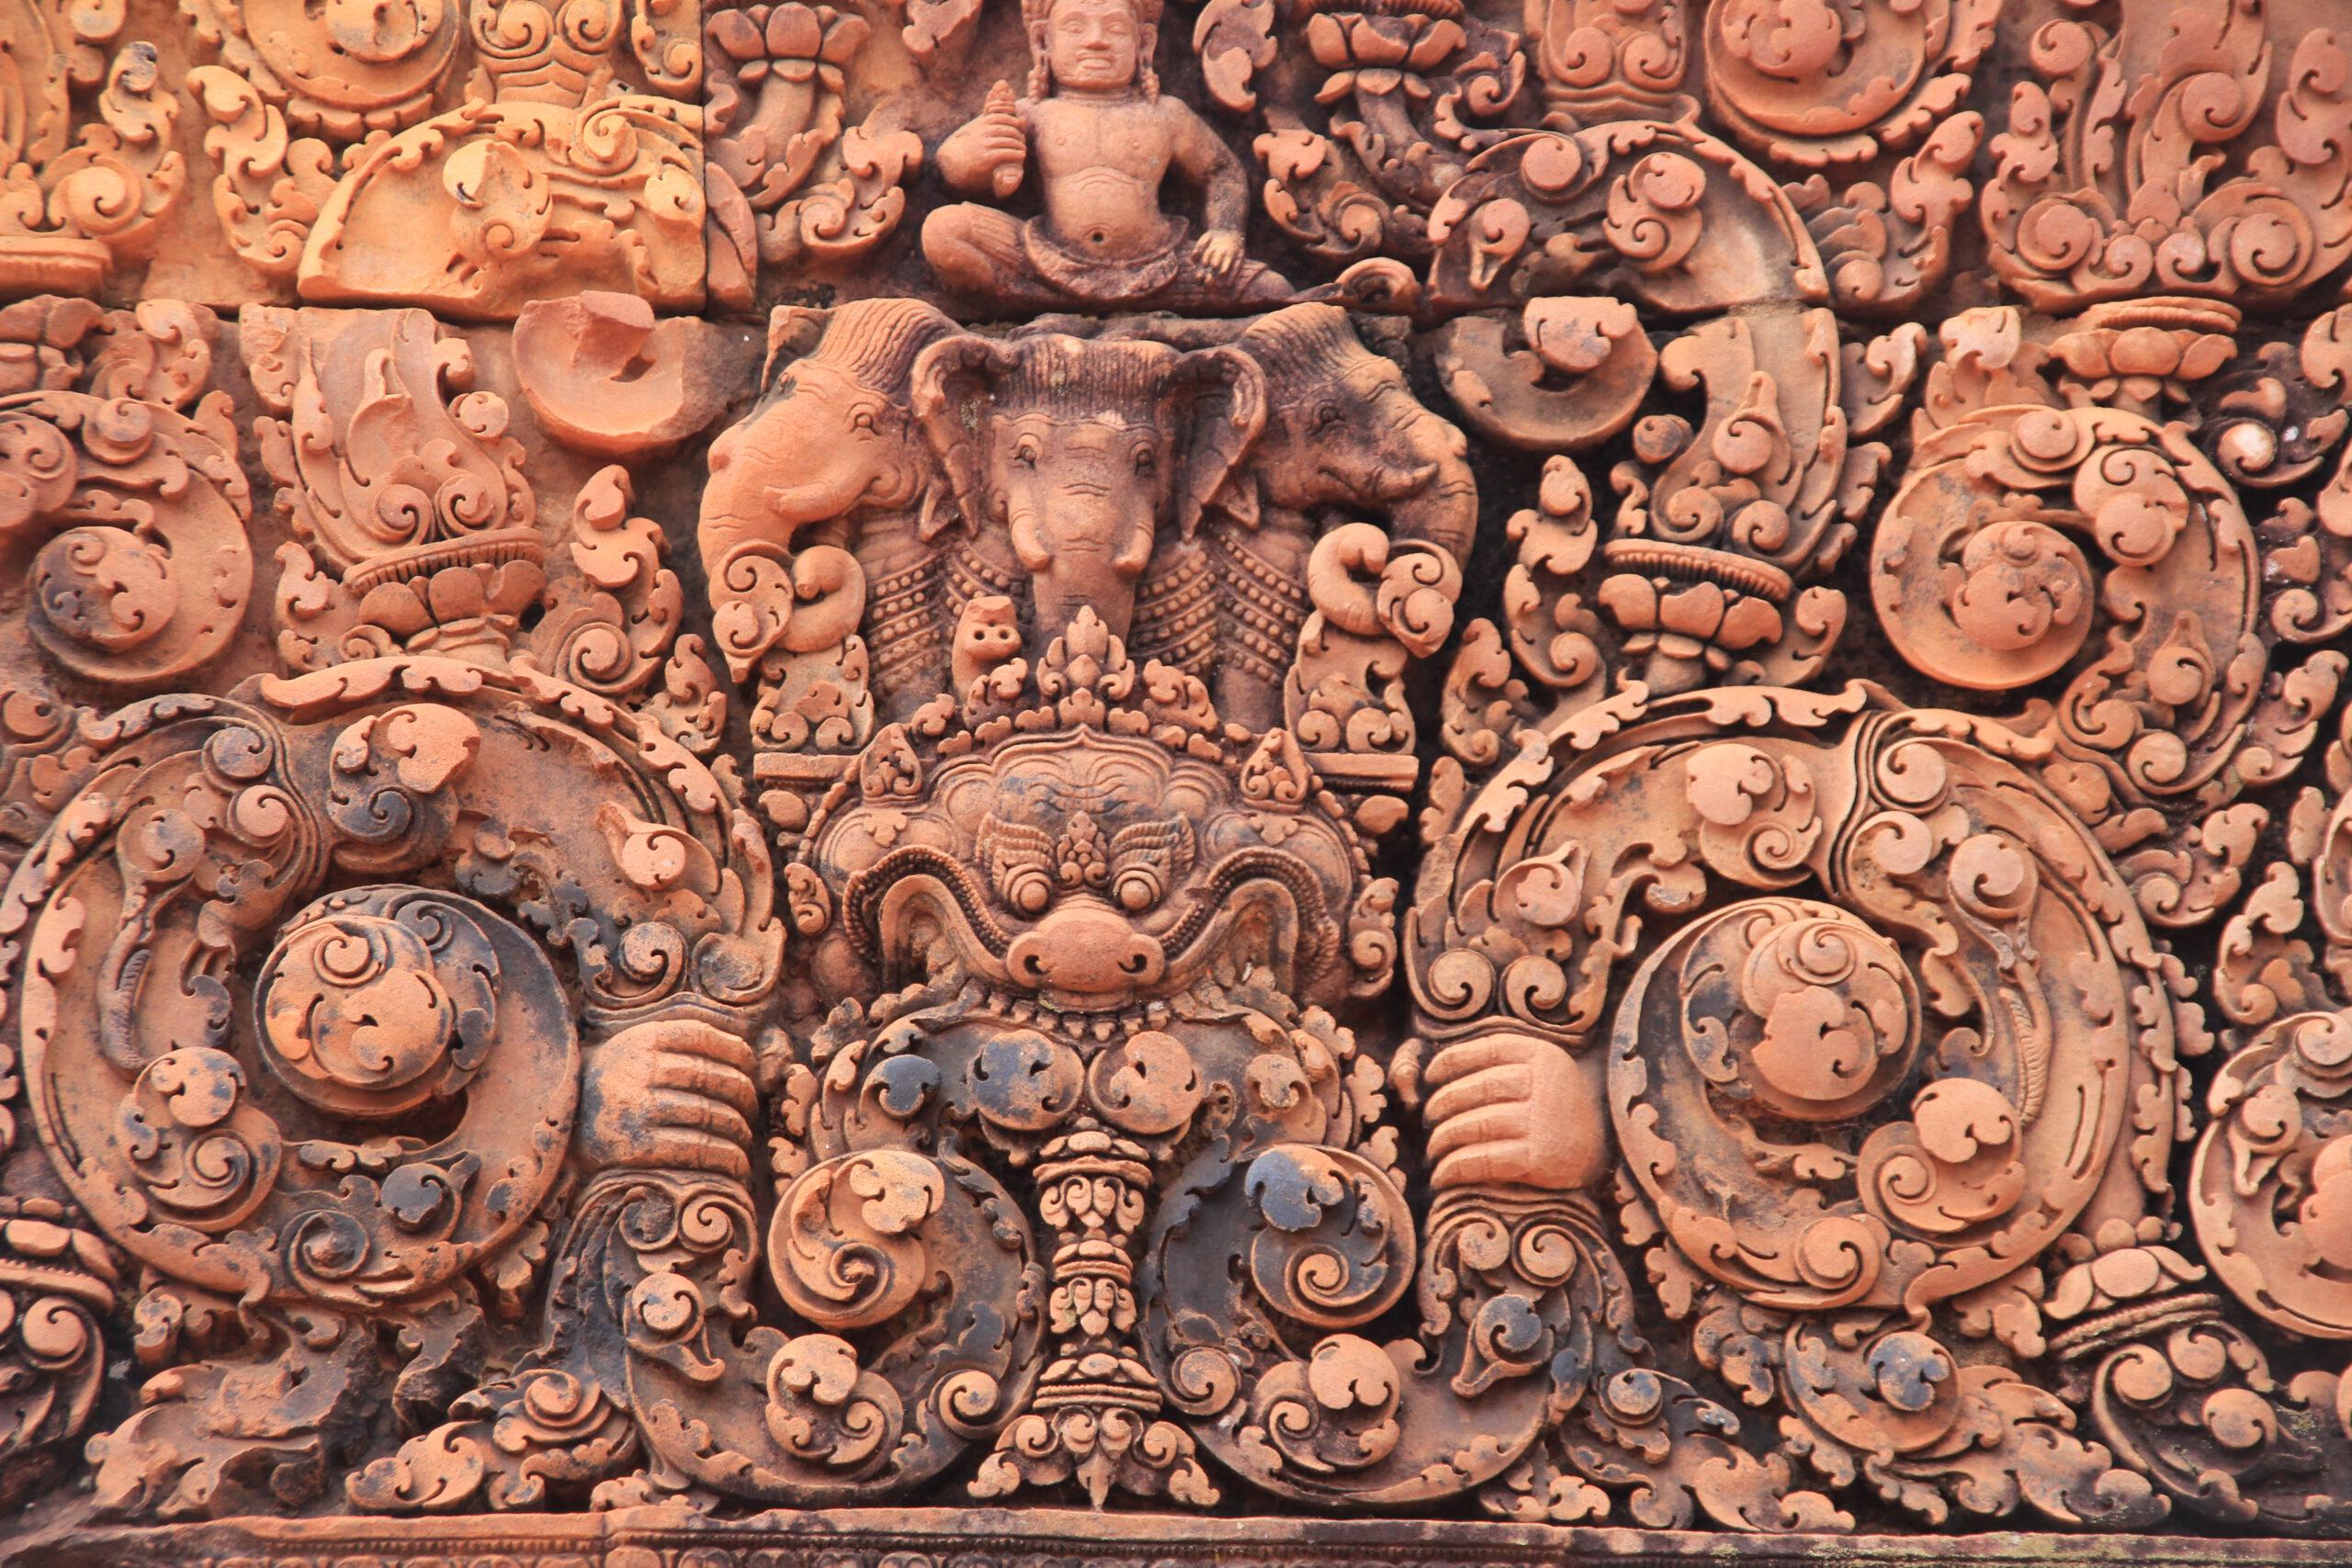 Banteay Srei Tempel in Kambodscha, schöne Ornamente